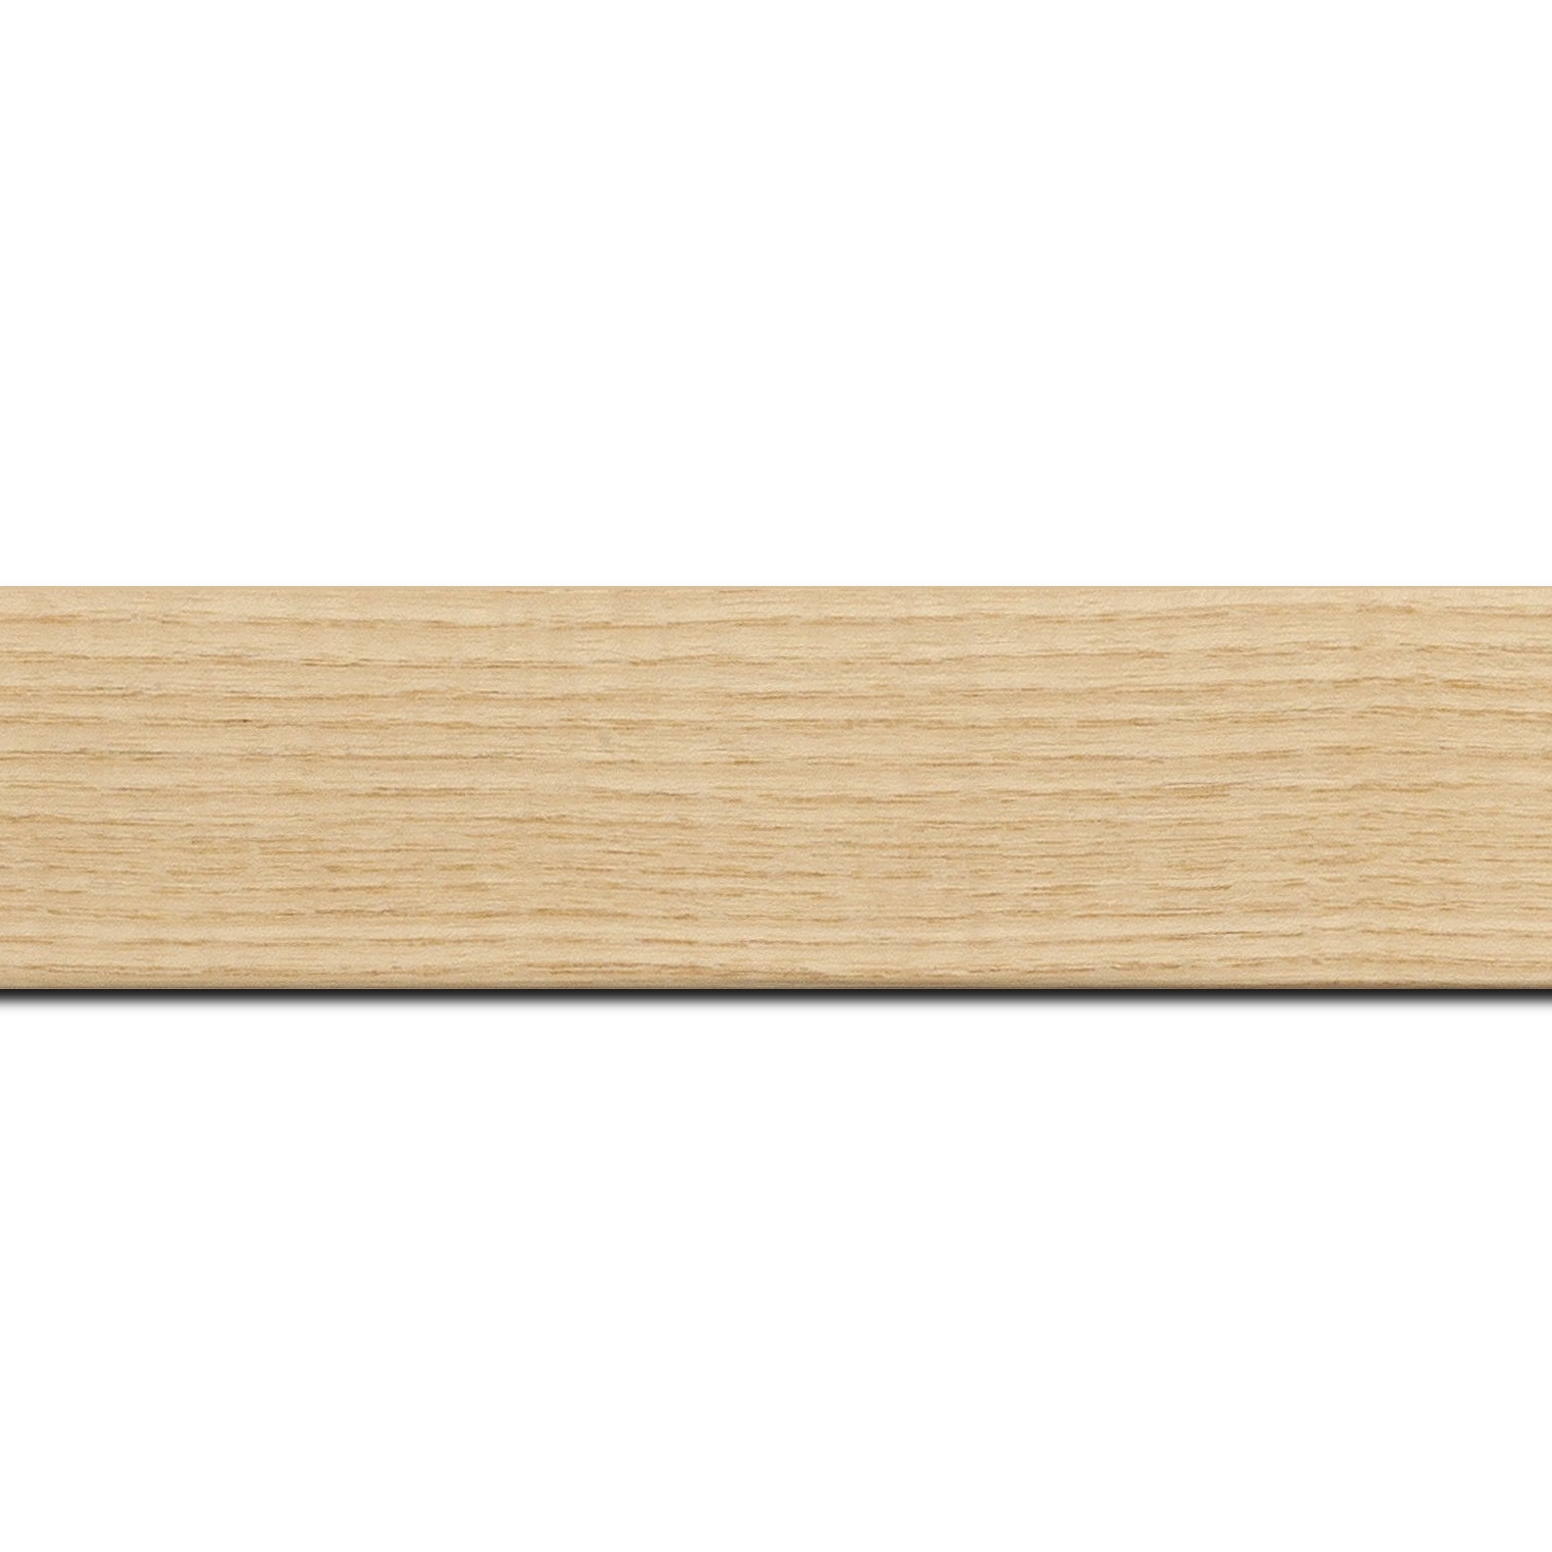 Pack par 12m, bois profil plat largeur 4cm plaquage haut de gamme frêne naturel(longueur baguette pouvant varier entre 2.40m et 3m selon arrivage des bois)